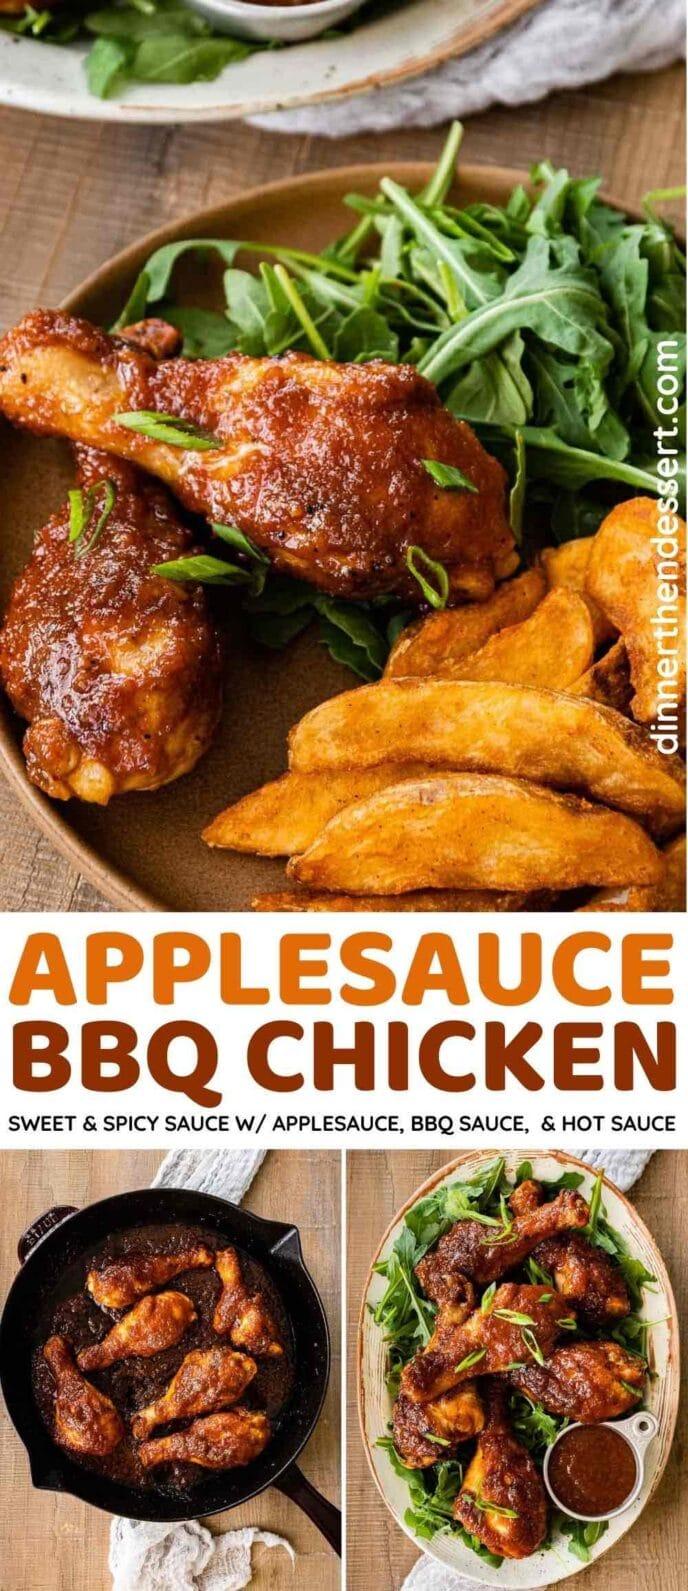 Applesauce BBQ Chicken collage